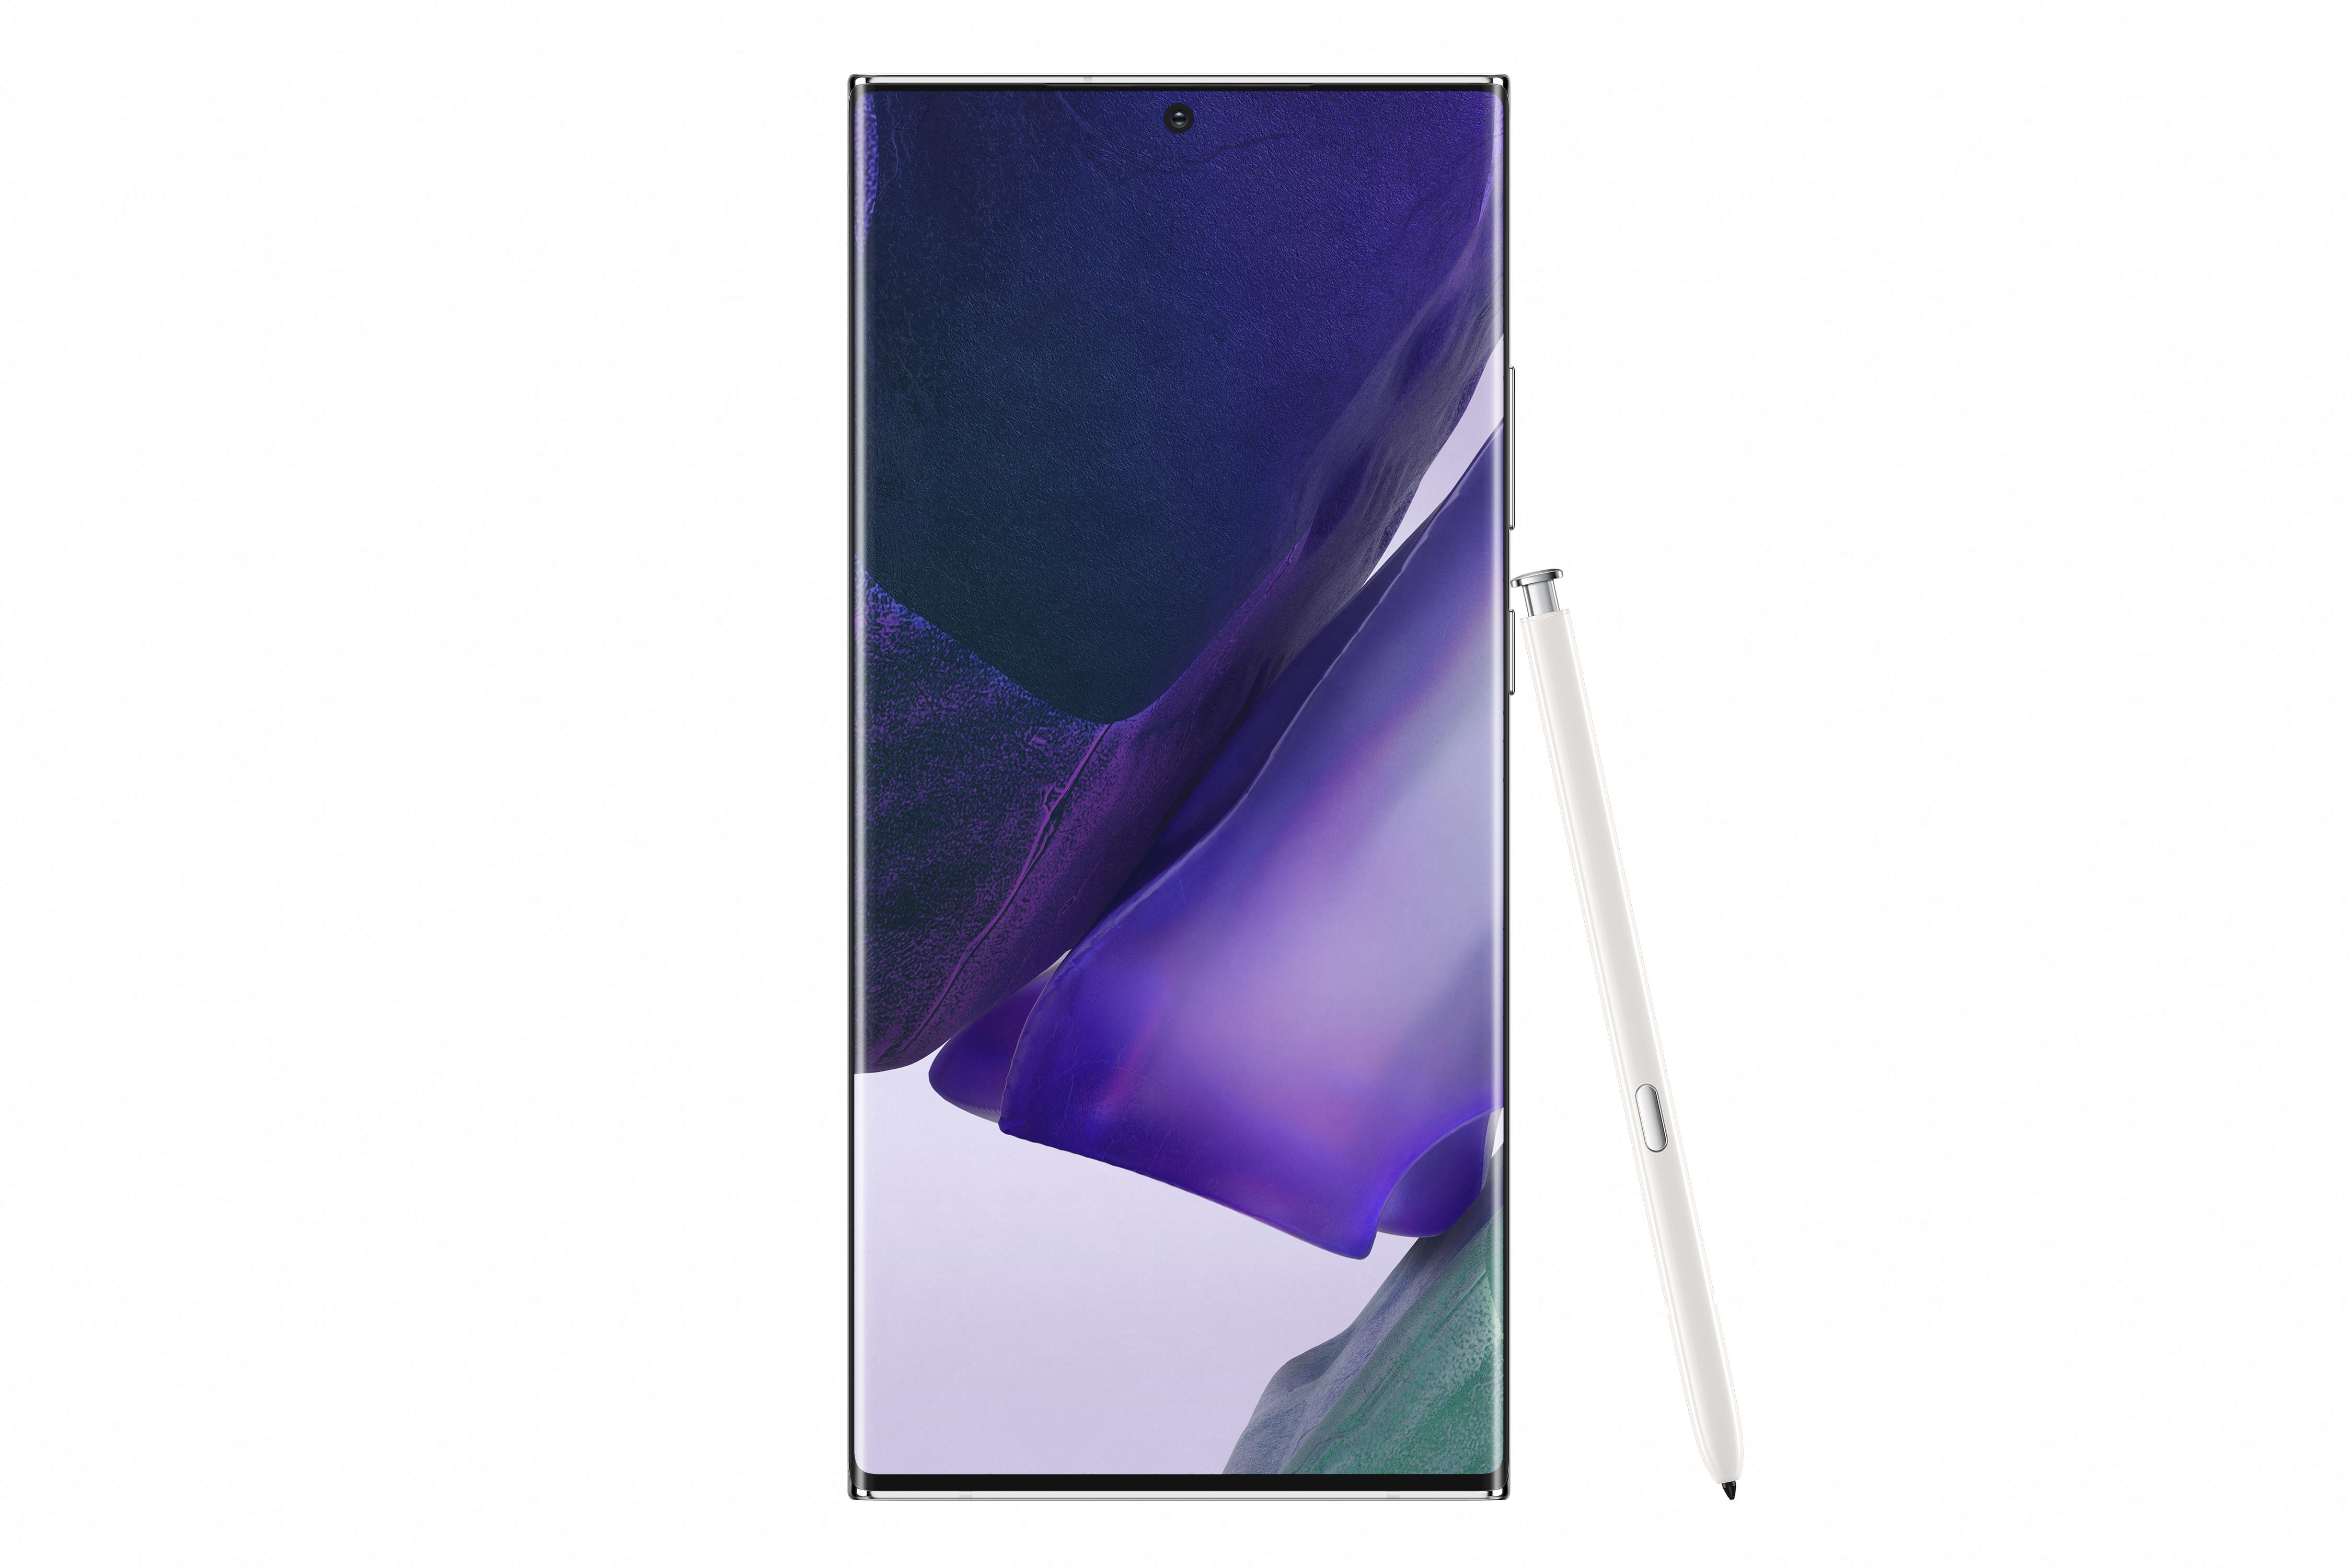 טלפון סלולרי סמסונג גלאקסי  SAMSUNG GALAXY NOTE 20 Ultra צבע WHITE